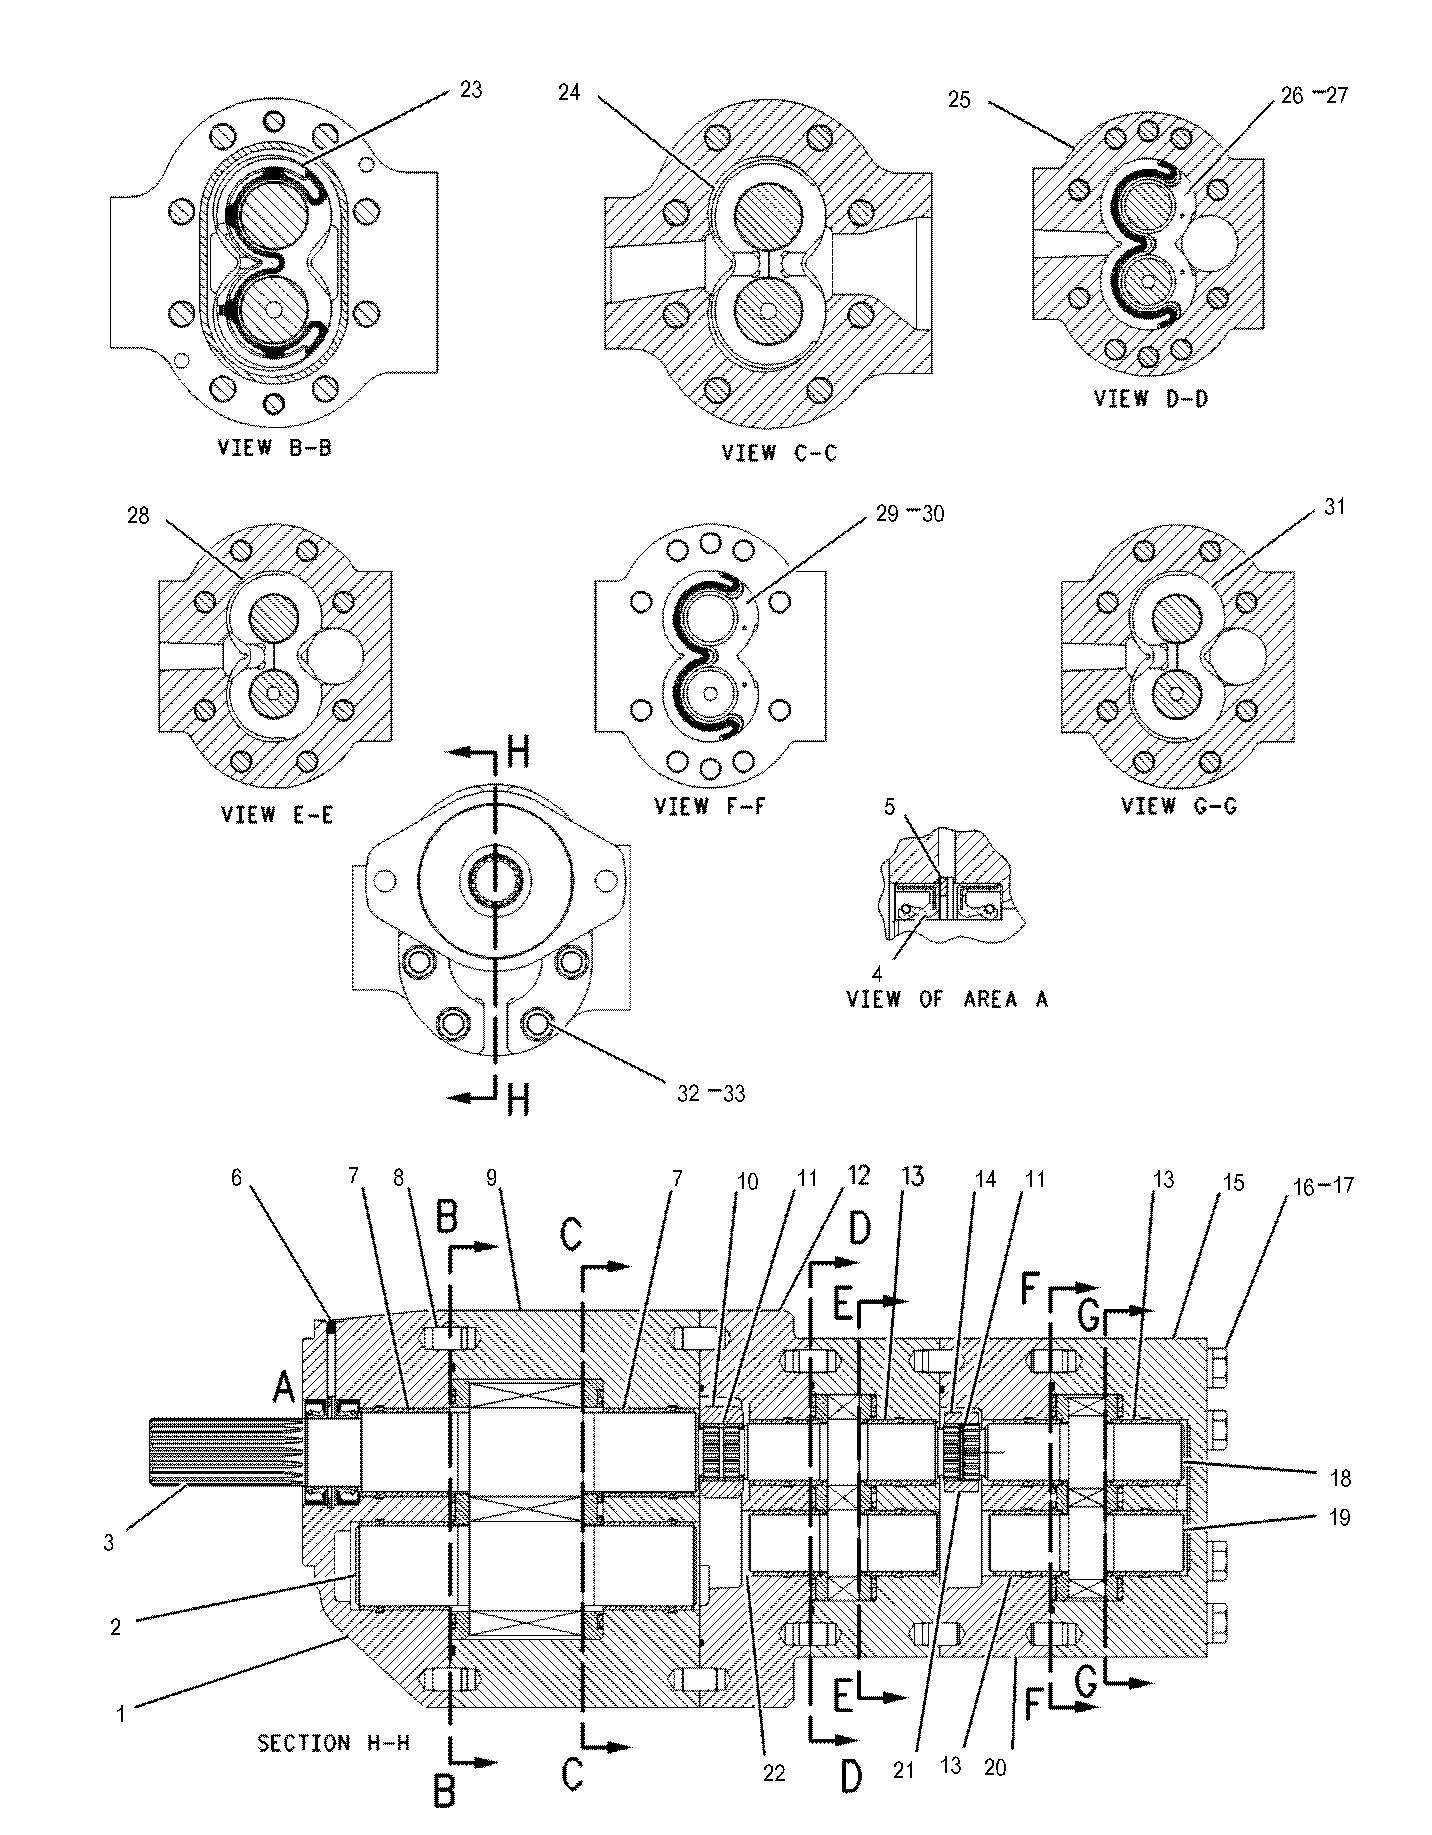 WRG-3124] Dexta Wiring Diagram on